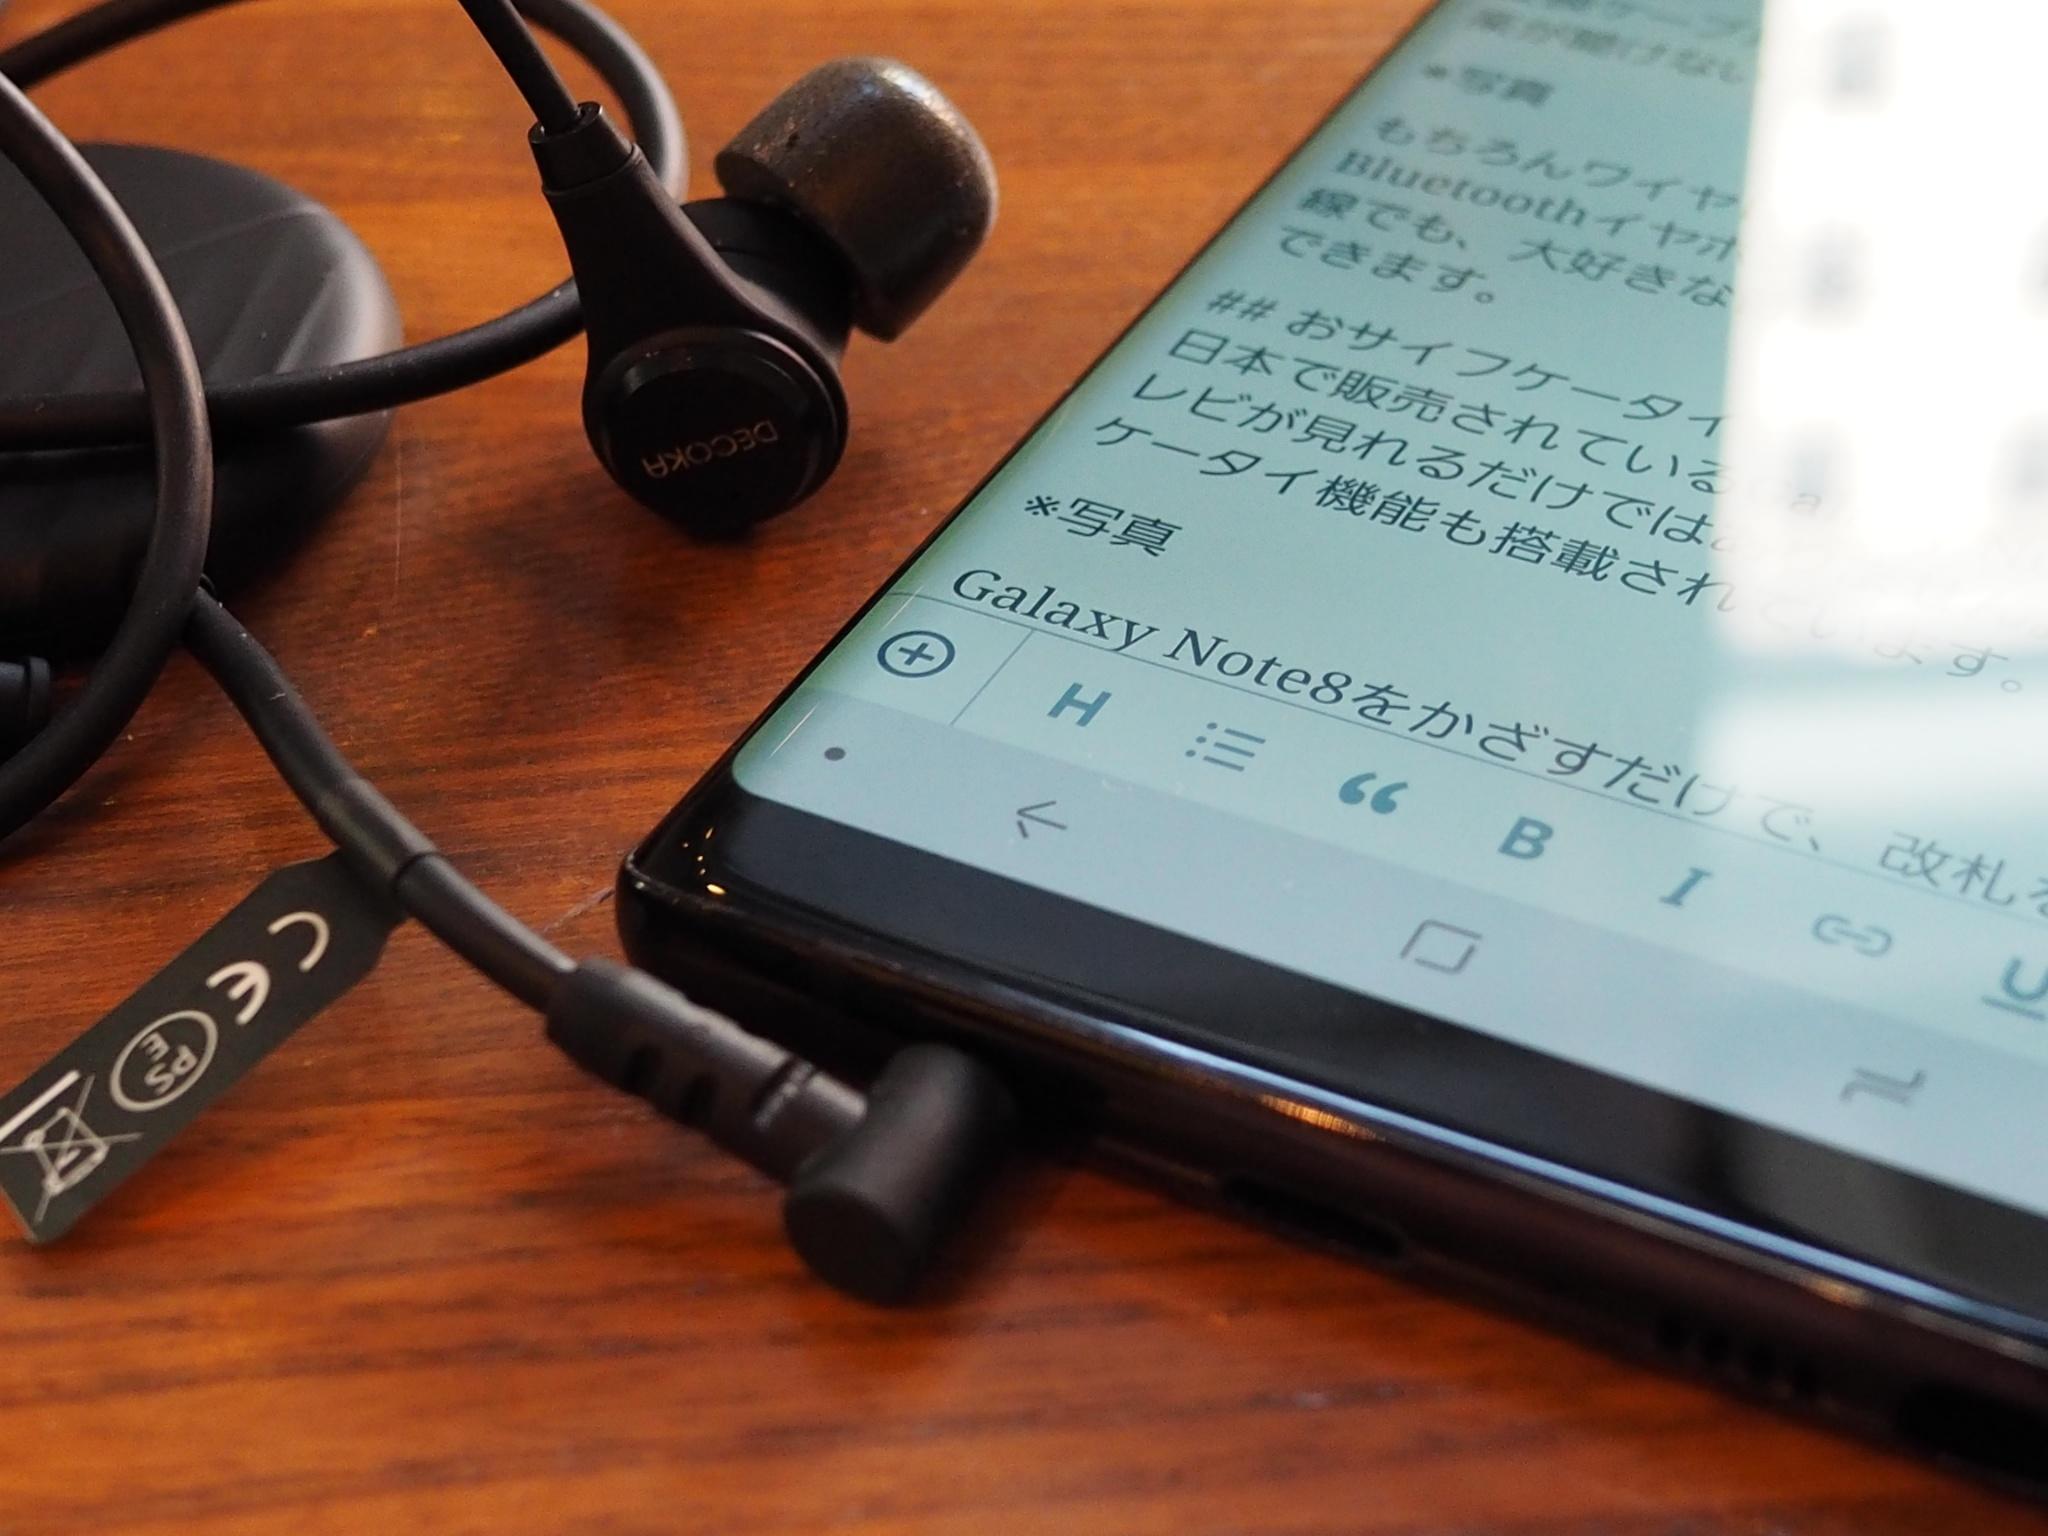 Galaxy Note8にイヤホンを挿して音楽を聞く